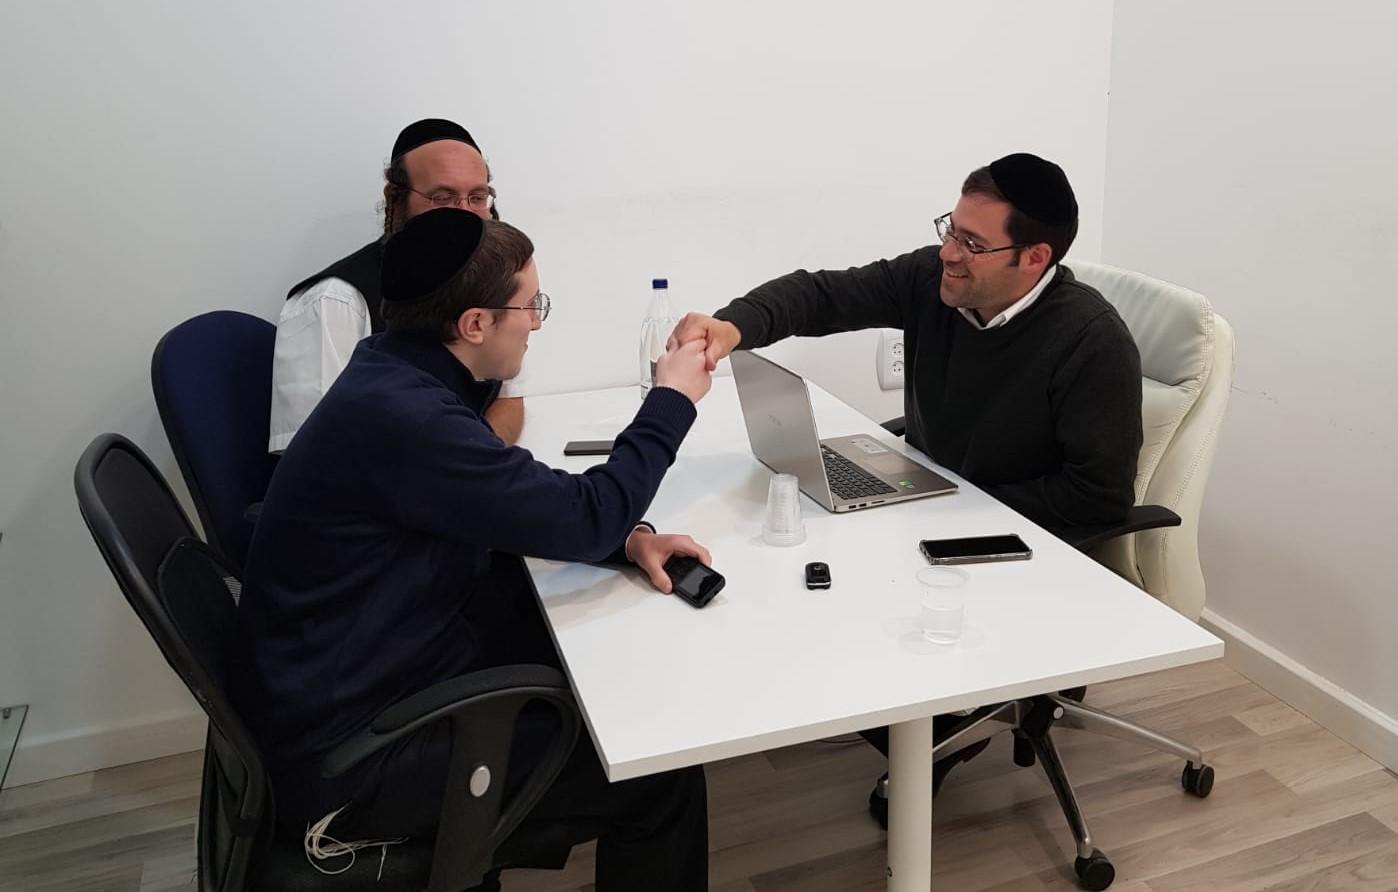 אתר JDN: יהונתן אלוני פורש מתפקידו כעורך ראשי; שמואל בן צבי יחליפו 1